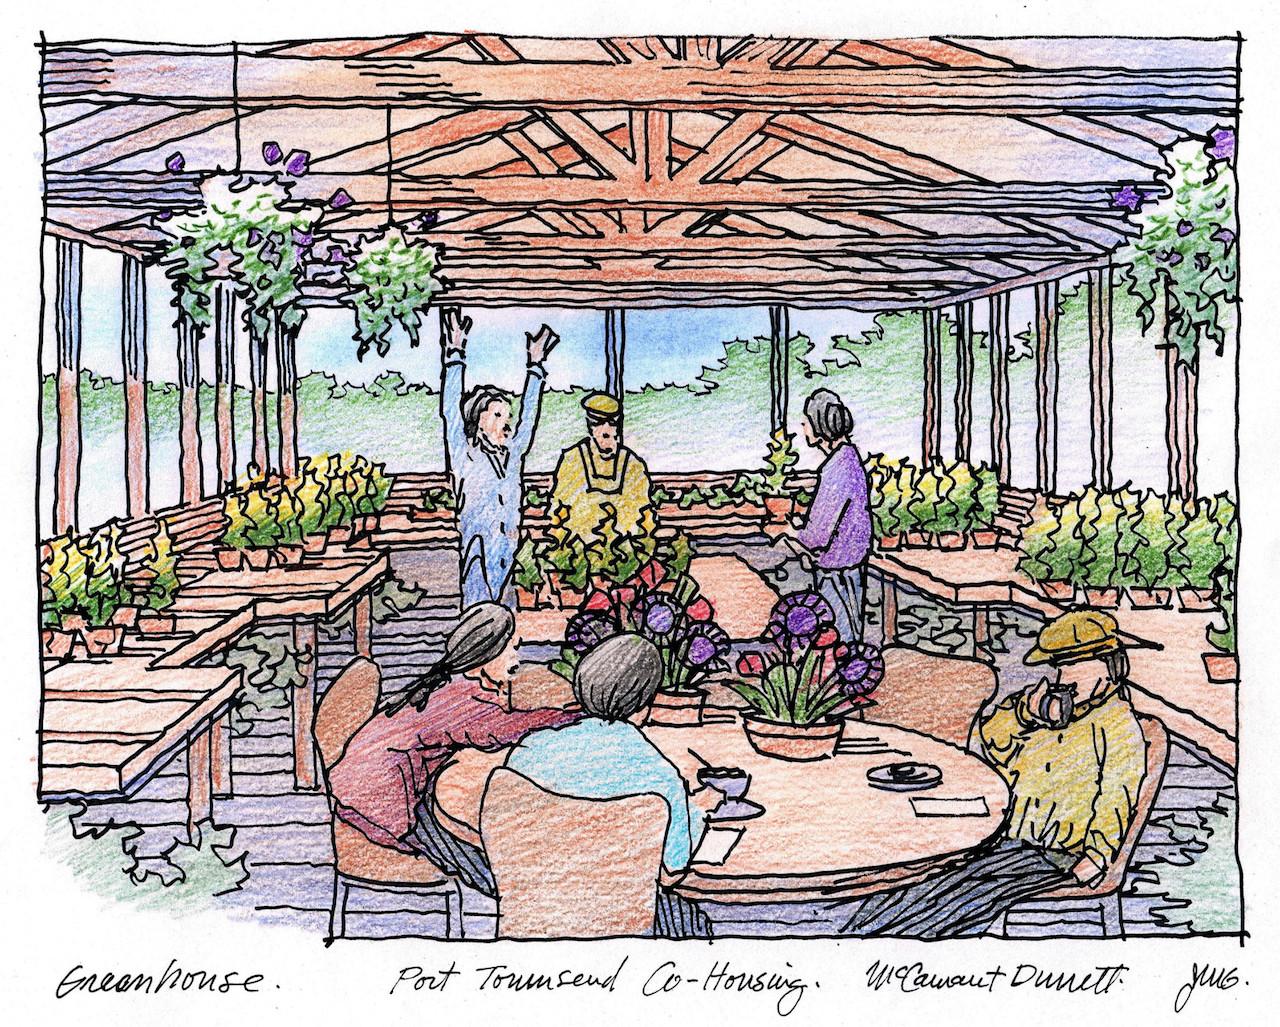 ilustración de uno de los proyectos de cohousing del estudio de arquitectos McCamant & Durrett Architects